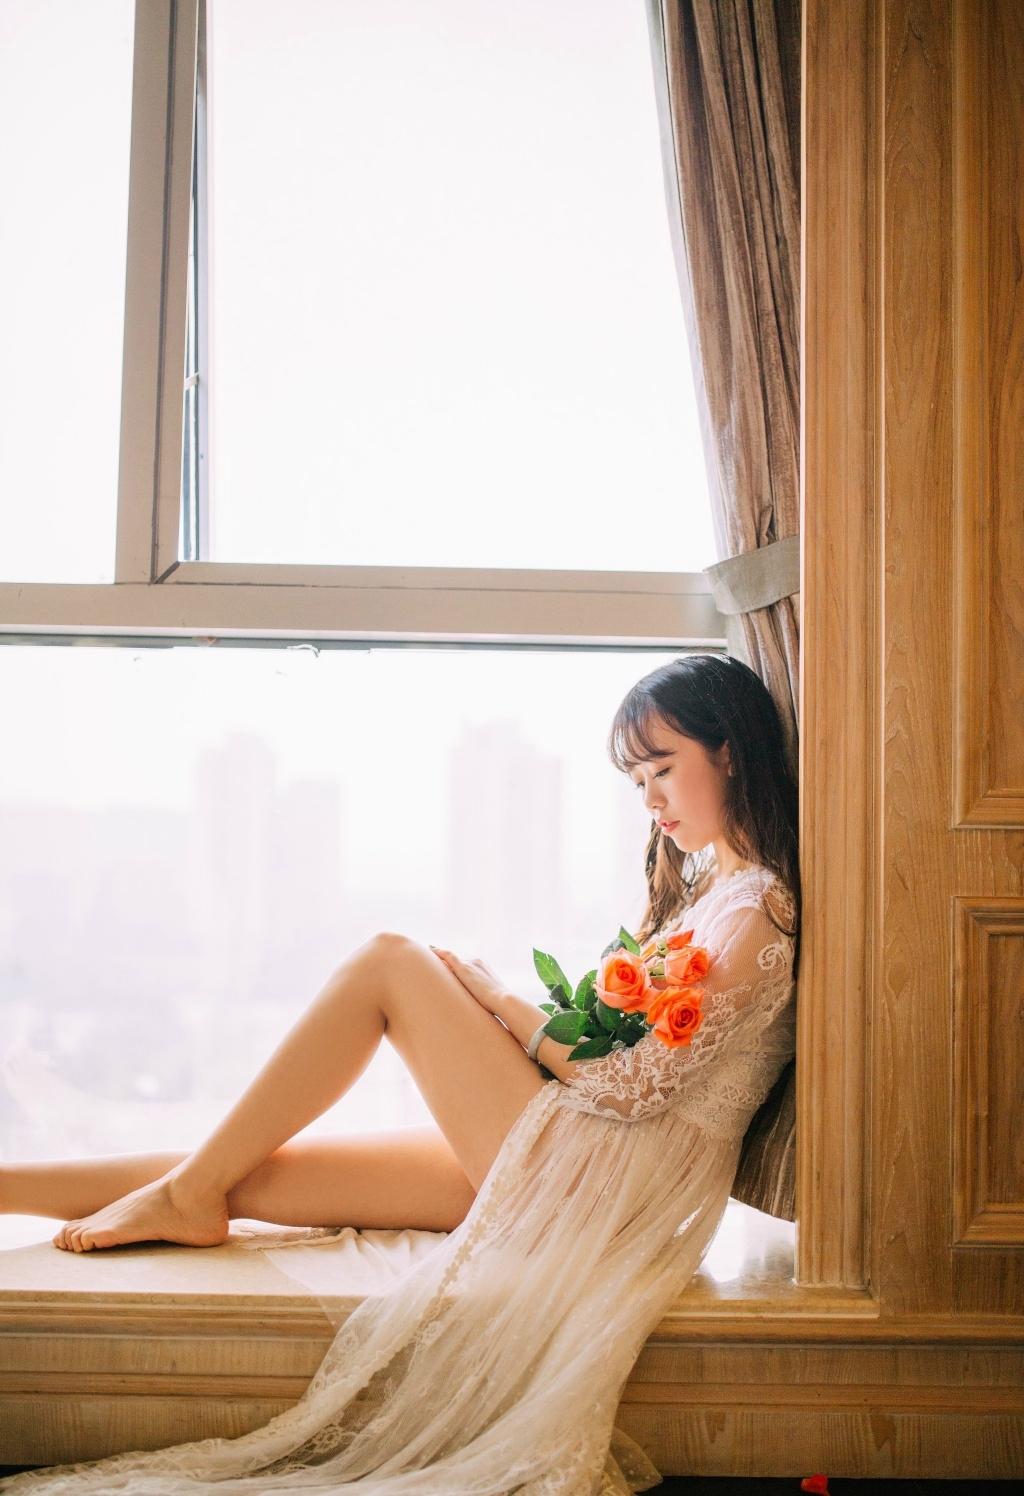 1AZ-RPSD476妙龄美少女性感内衣床